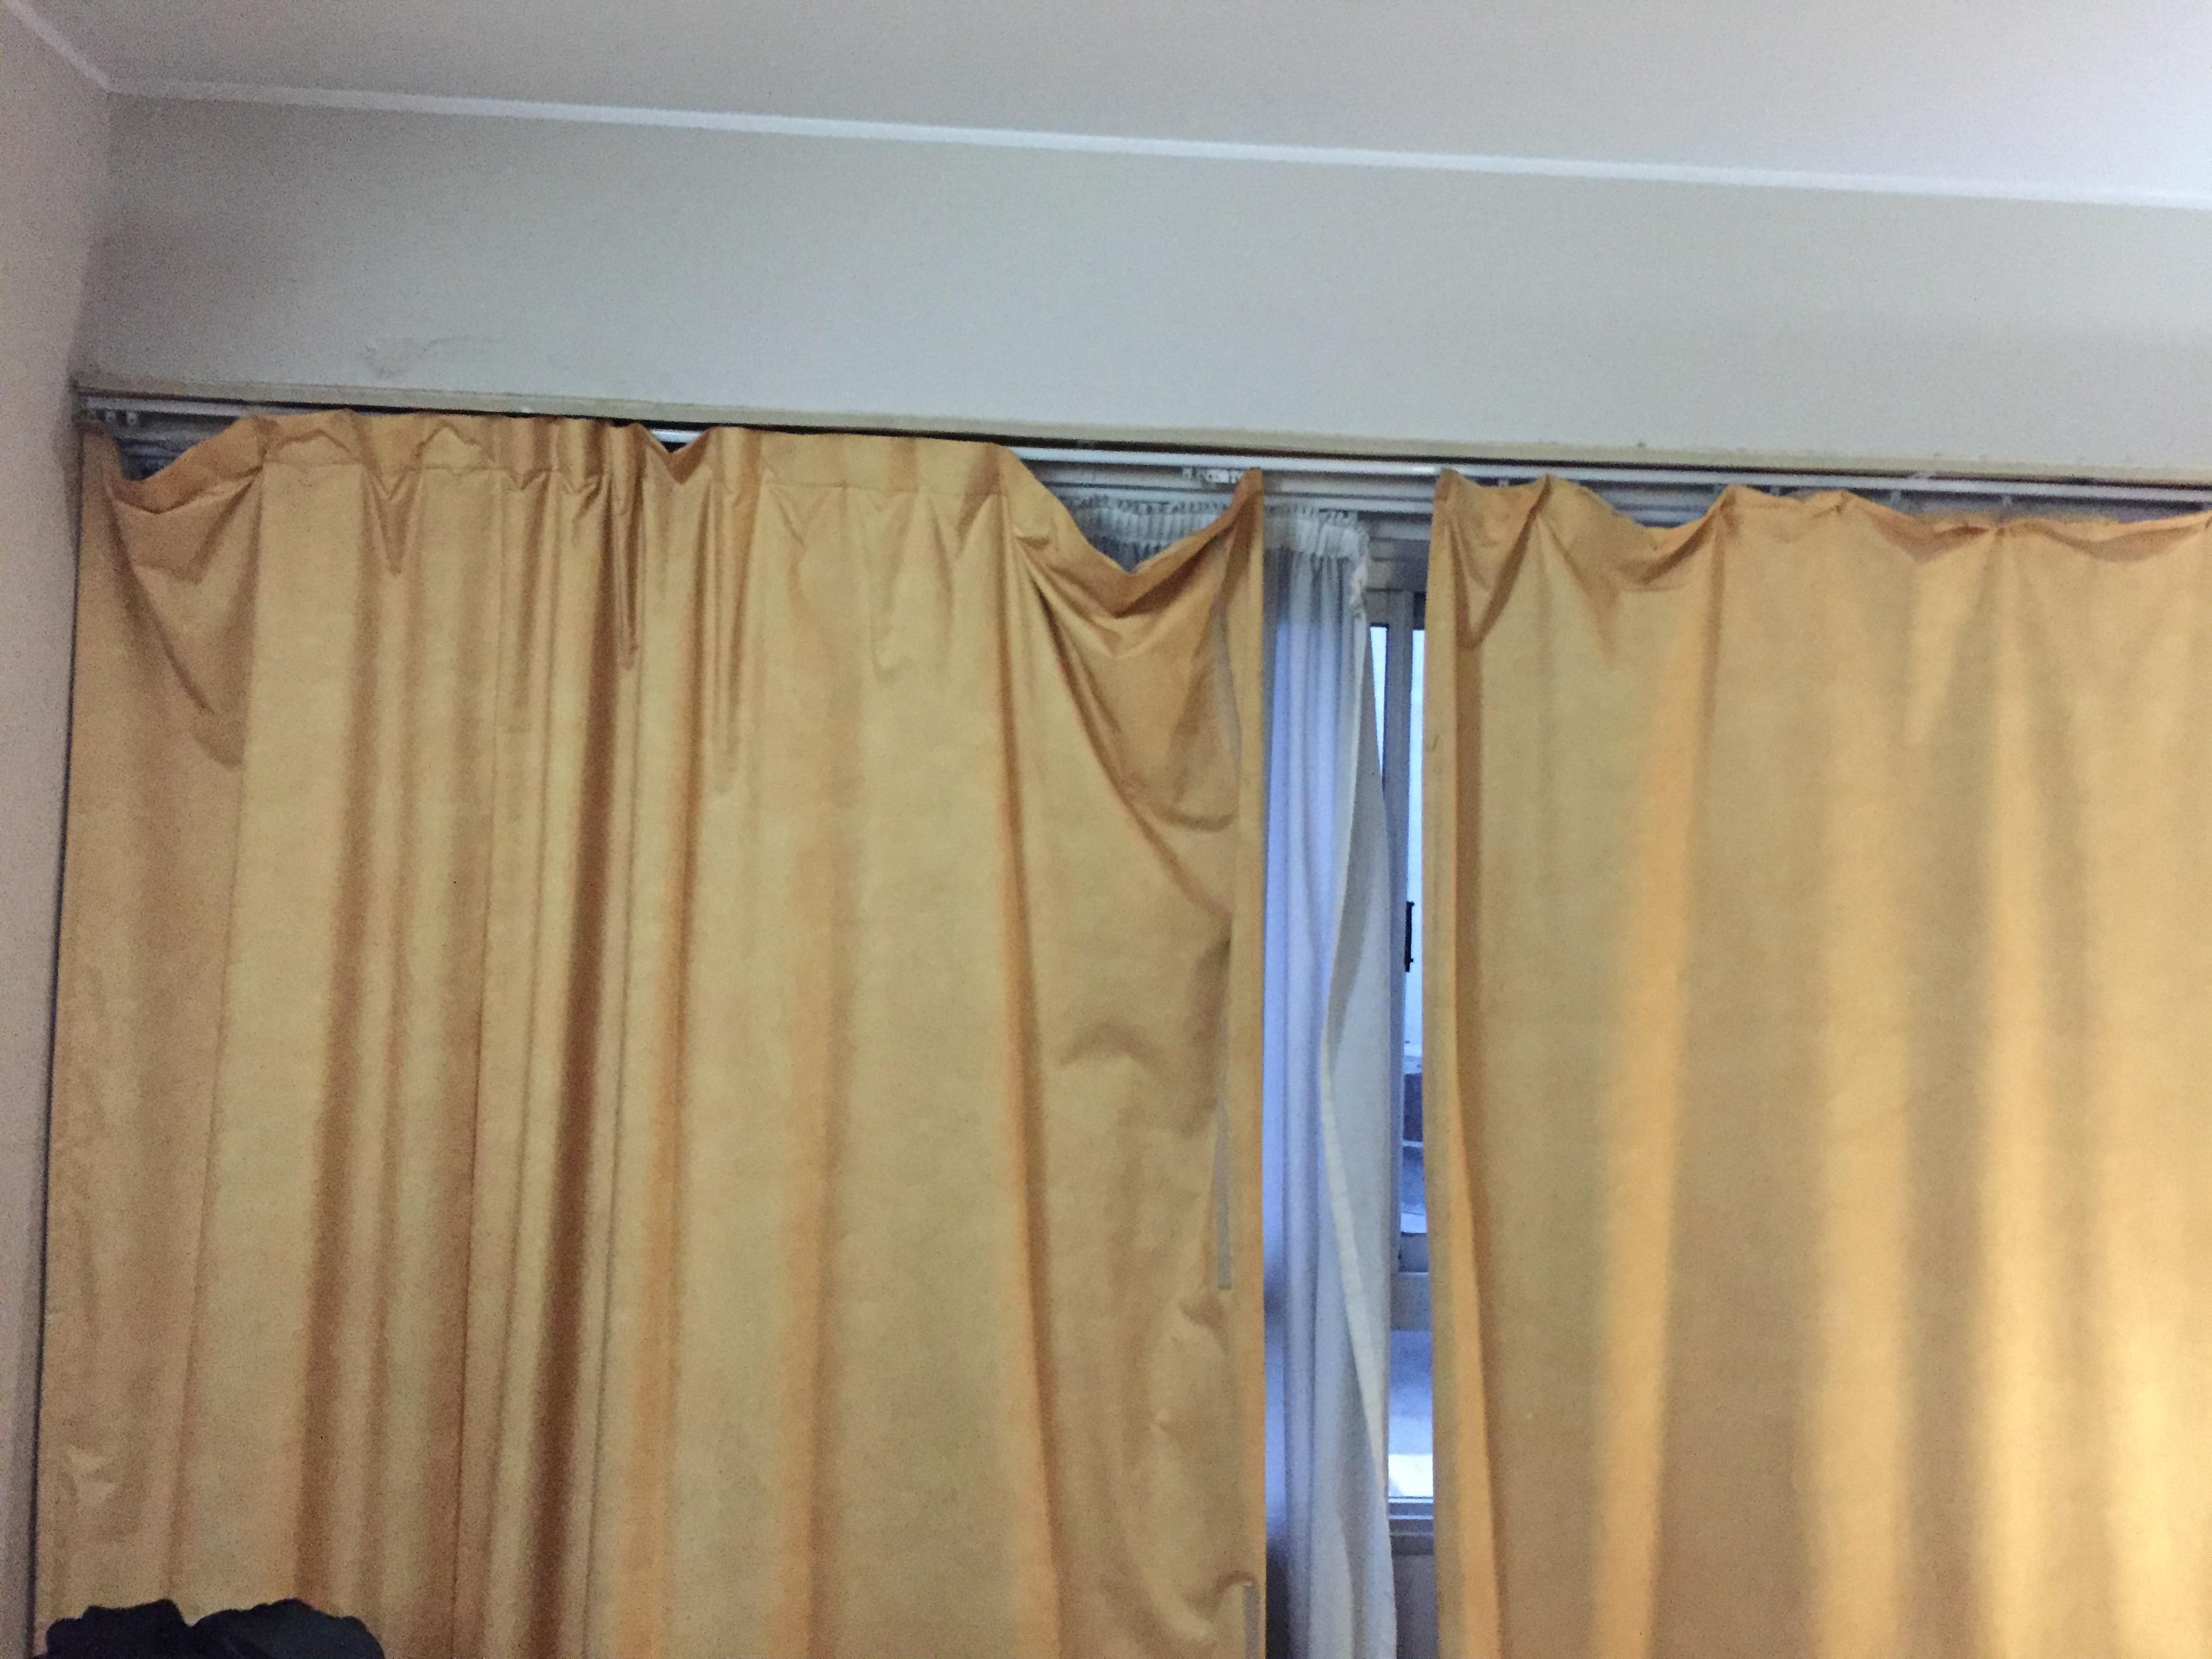 Gerissene dreckige stinkende Vorhänge